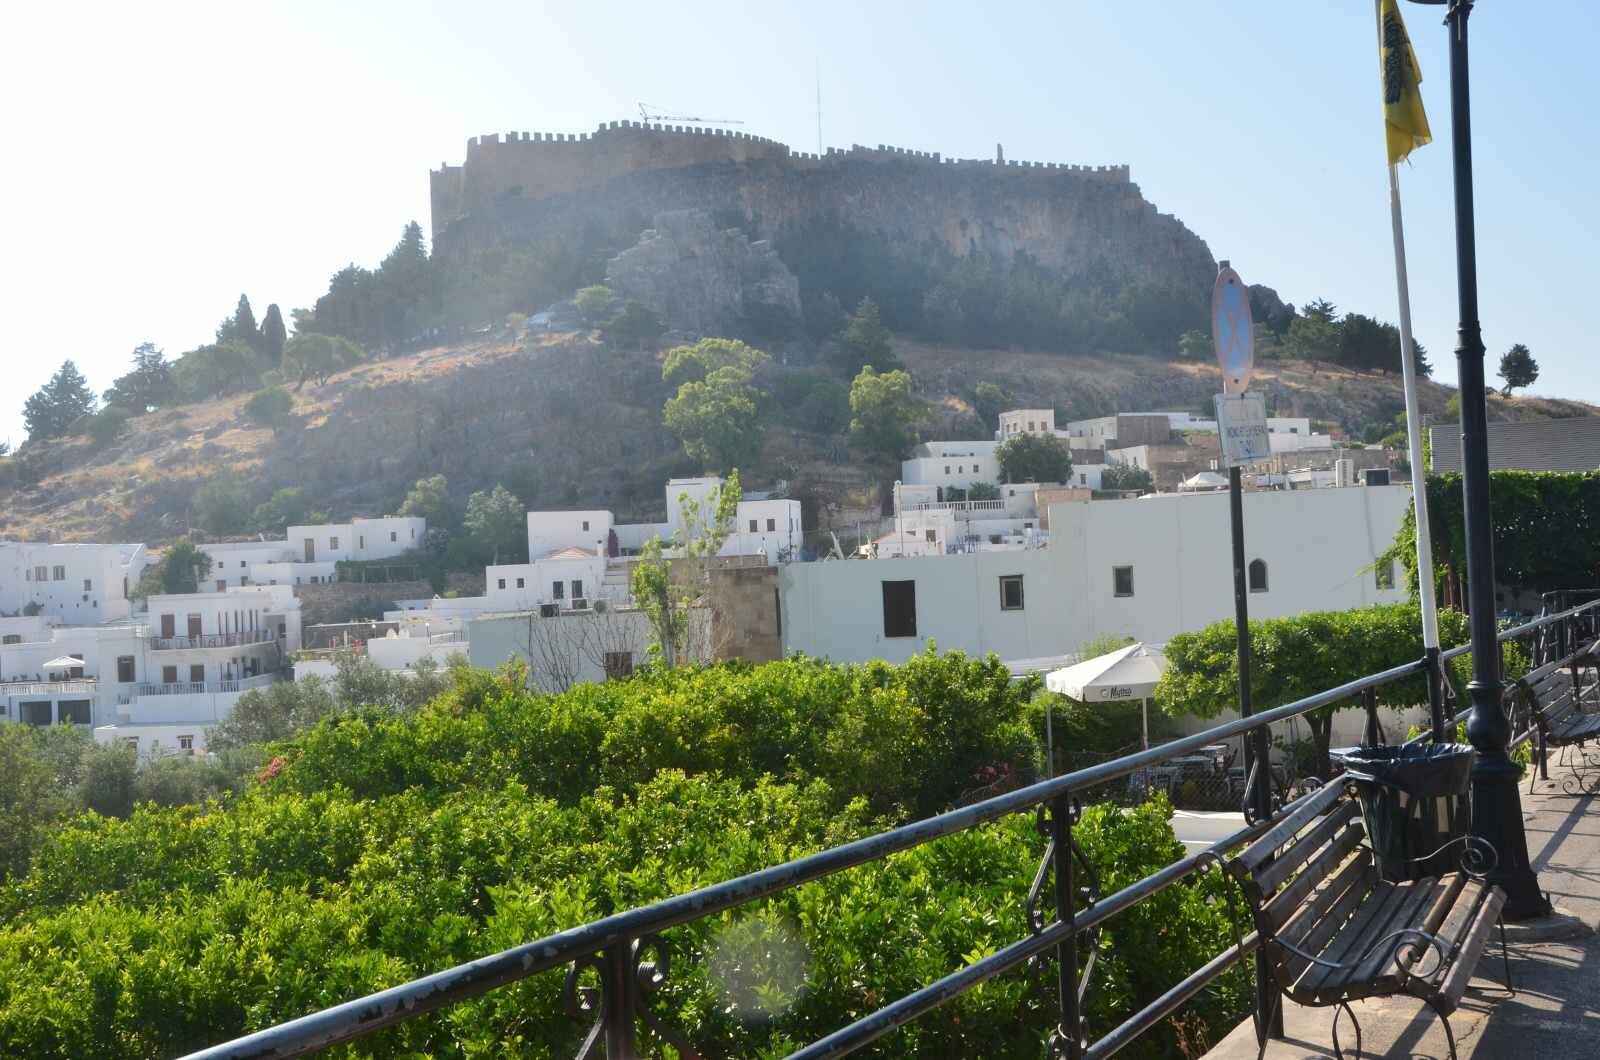 Foto 2: Ne úplně podařený záběr na kopec s akropolí nad městečkem Lindos – foceno z parkoviště, před vstupem do uliček městečka, doprava dolů je pak výhled na krásnou pláž – viz další fotka.